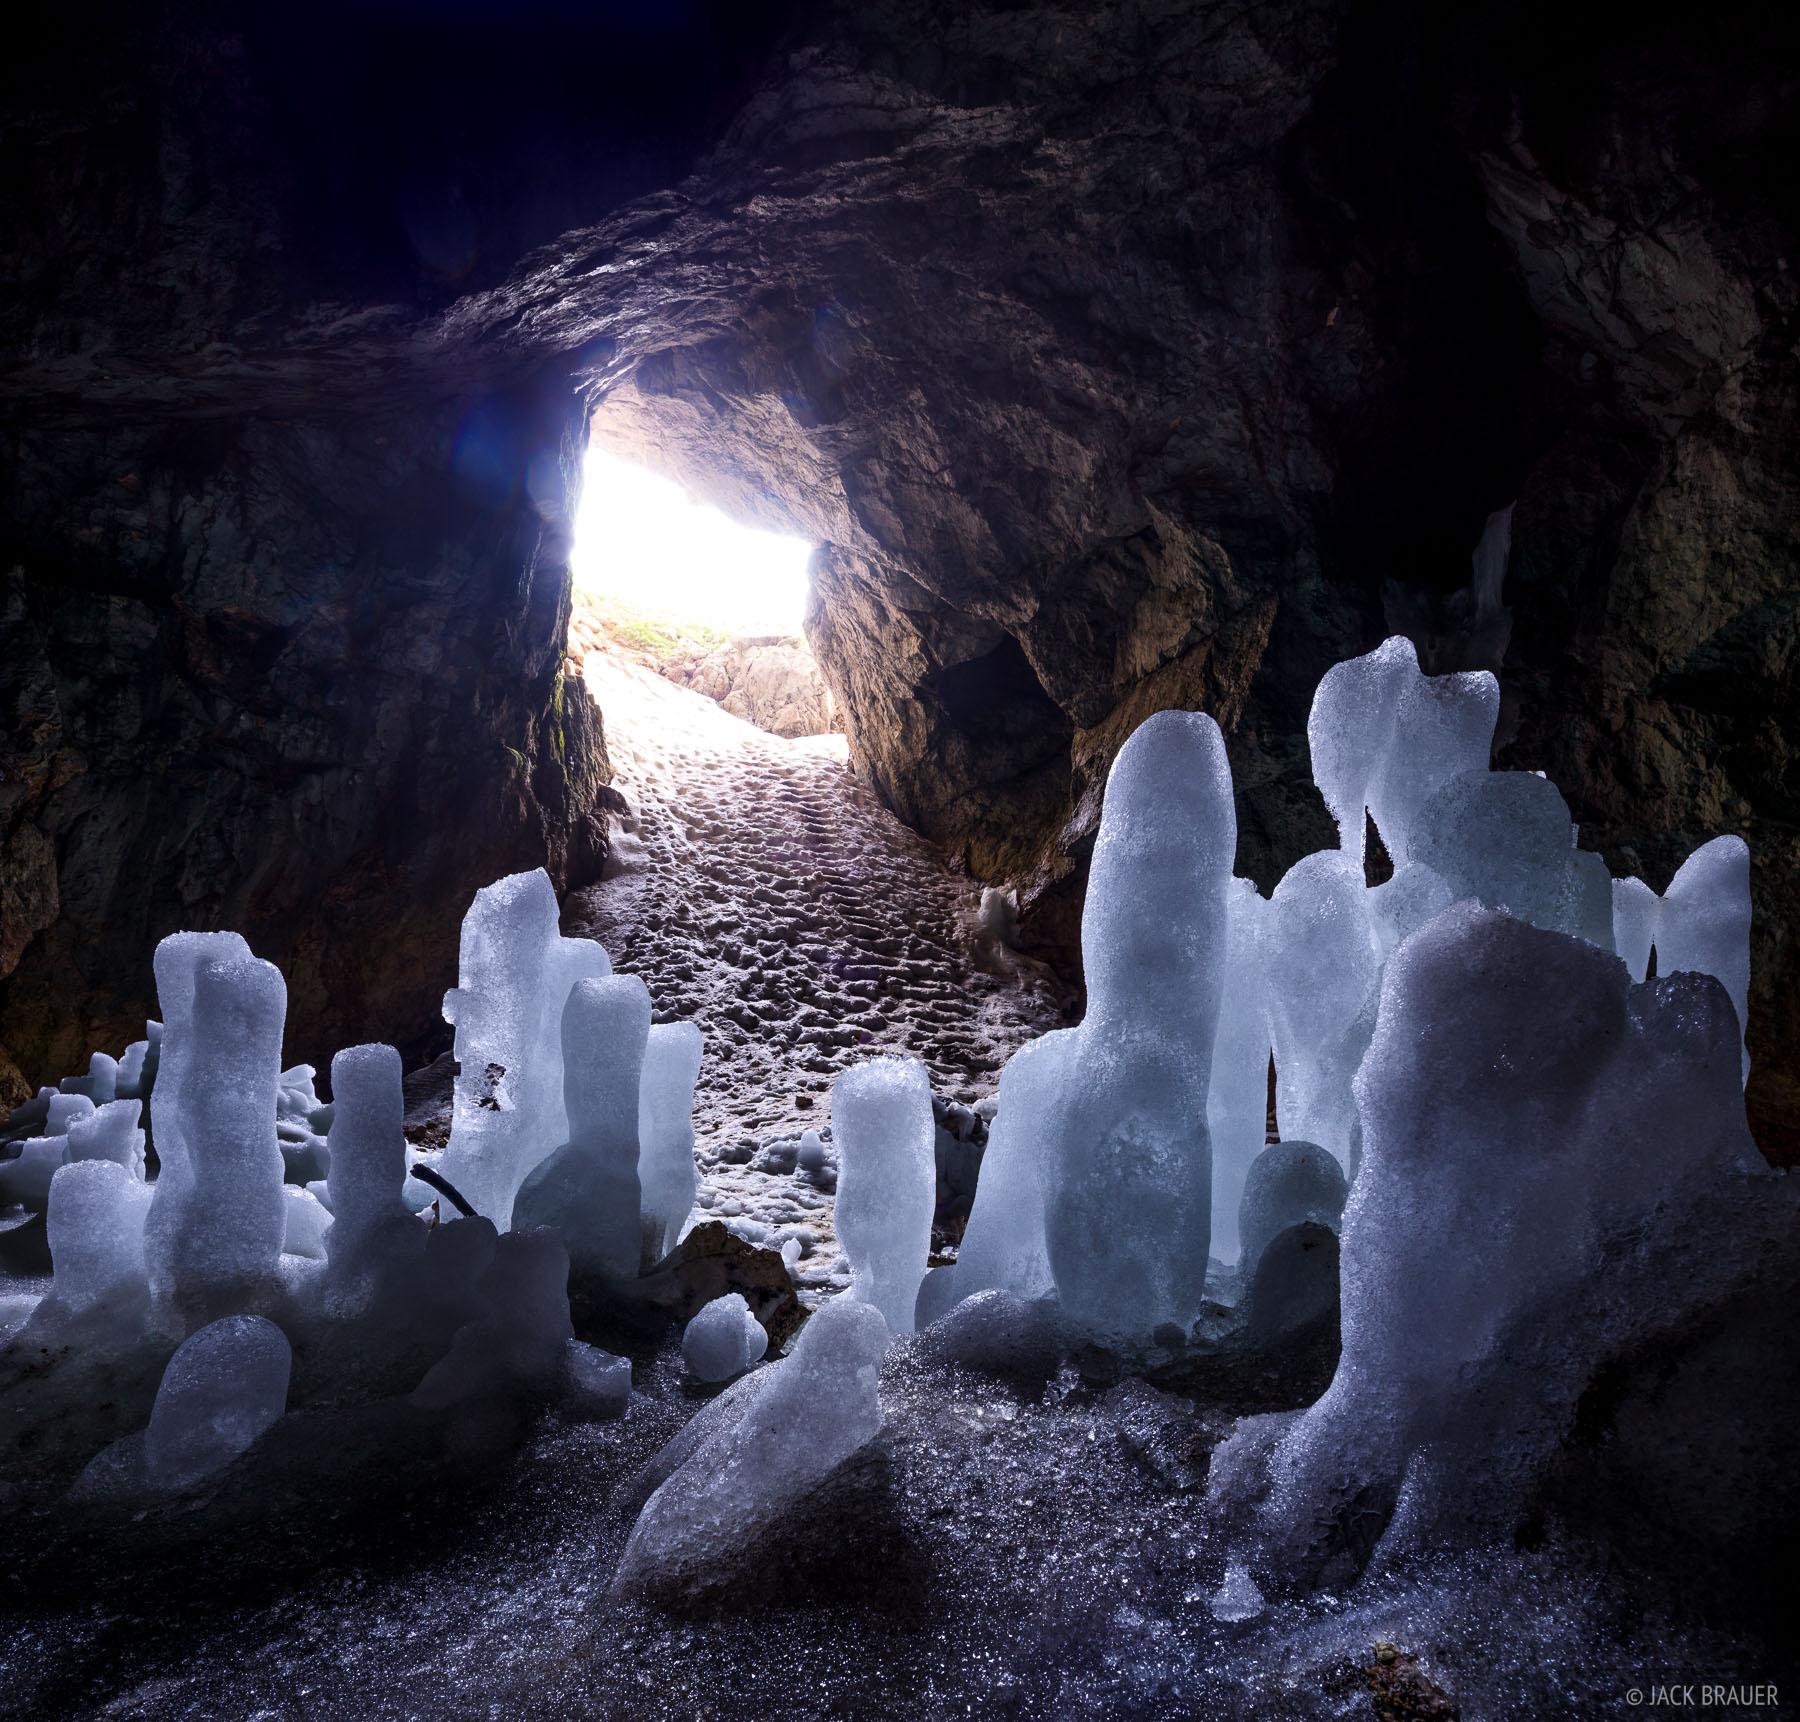 Dinaric Alps,Durmitor National Park,Ledina Pecina,Montenegro,cave,ice, photo